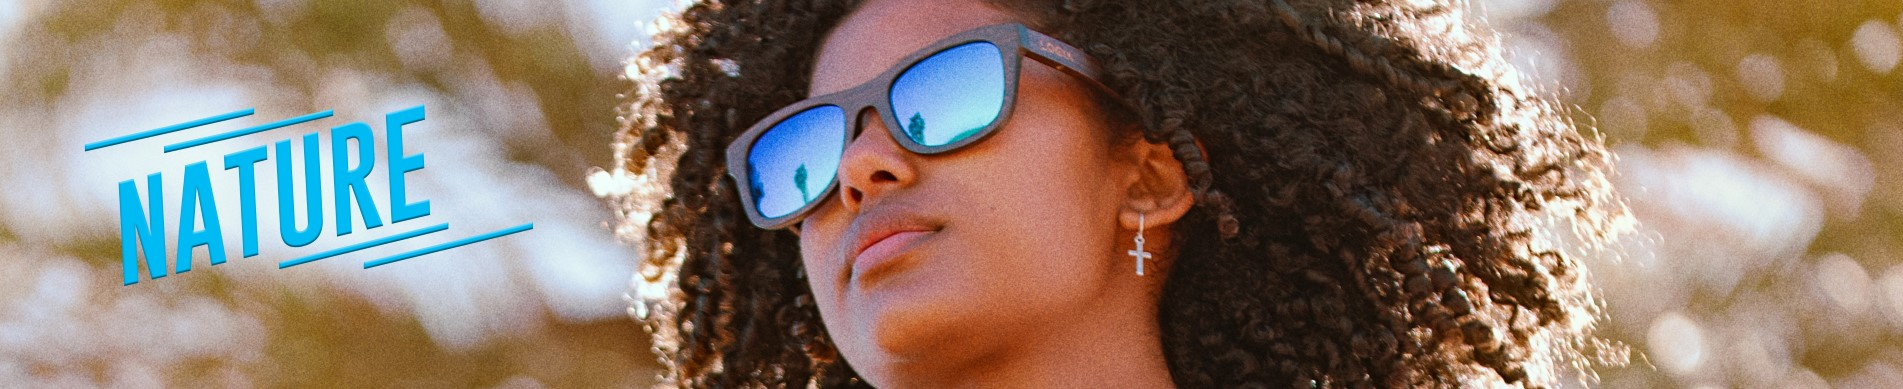 Gafas de sol Nature